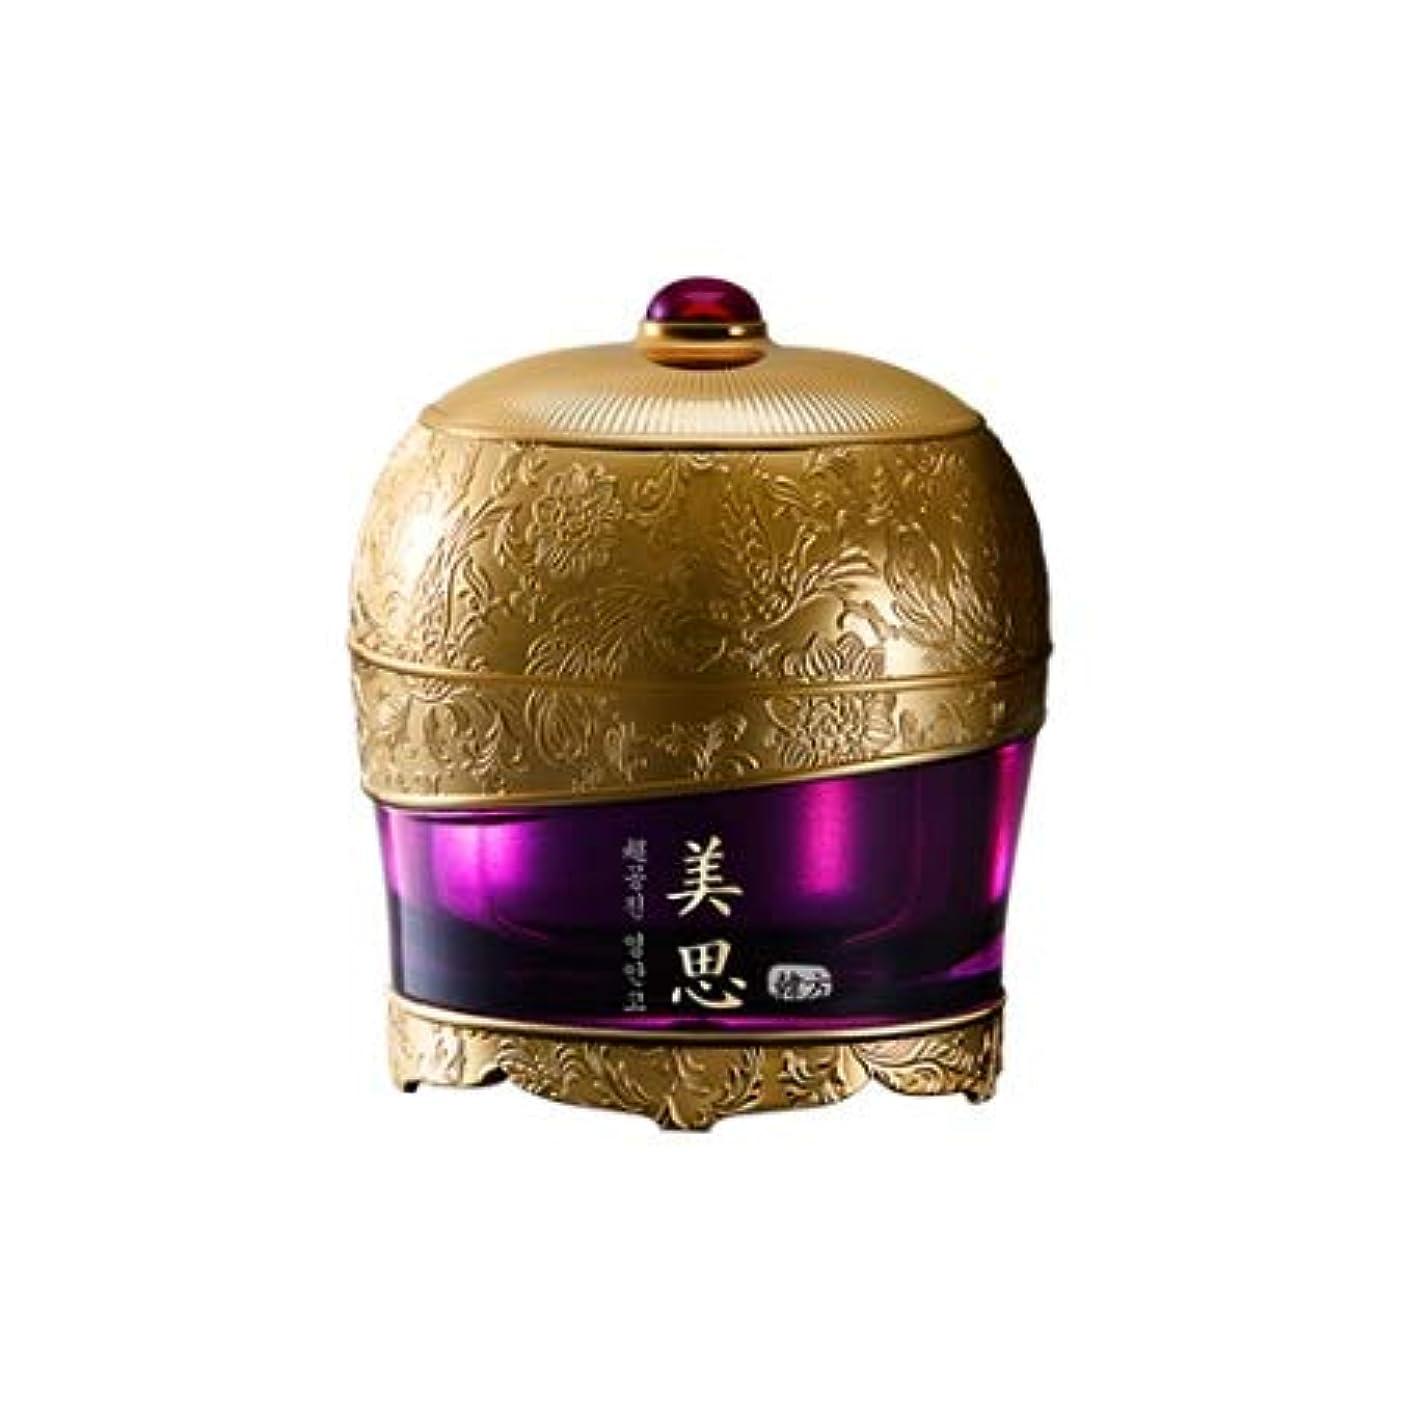 おもしろい気球決してMISSHA Chogongjin Premium cream ミシャ美思超拱辰(チョゴンジン) 永安膏 クリーム クリーム 60ml [並行輸入品]